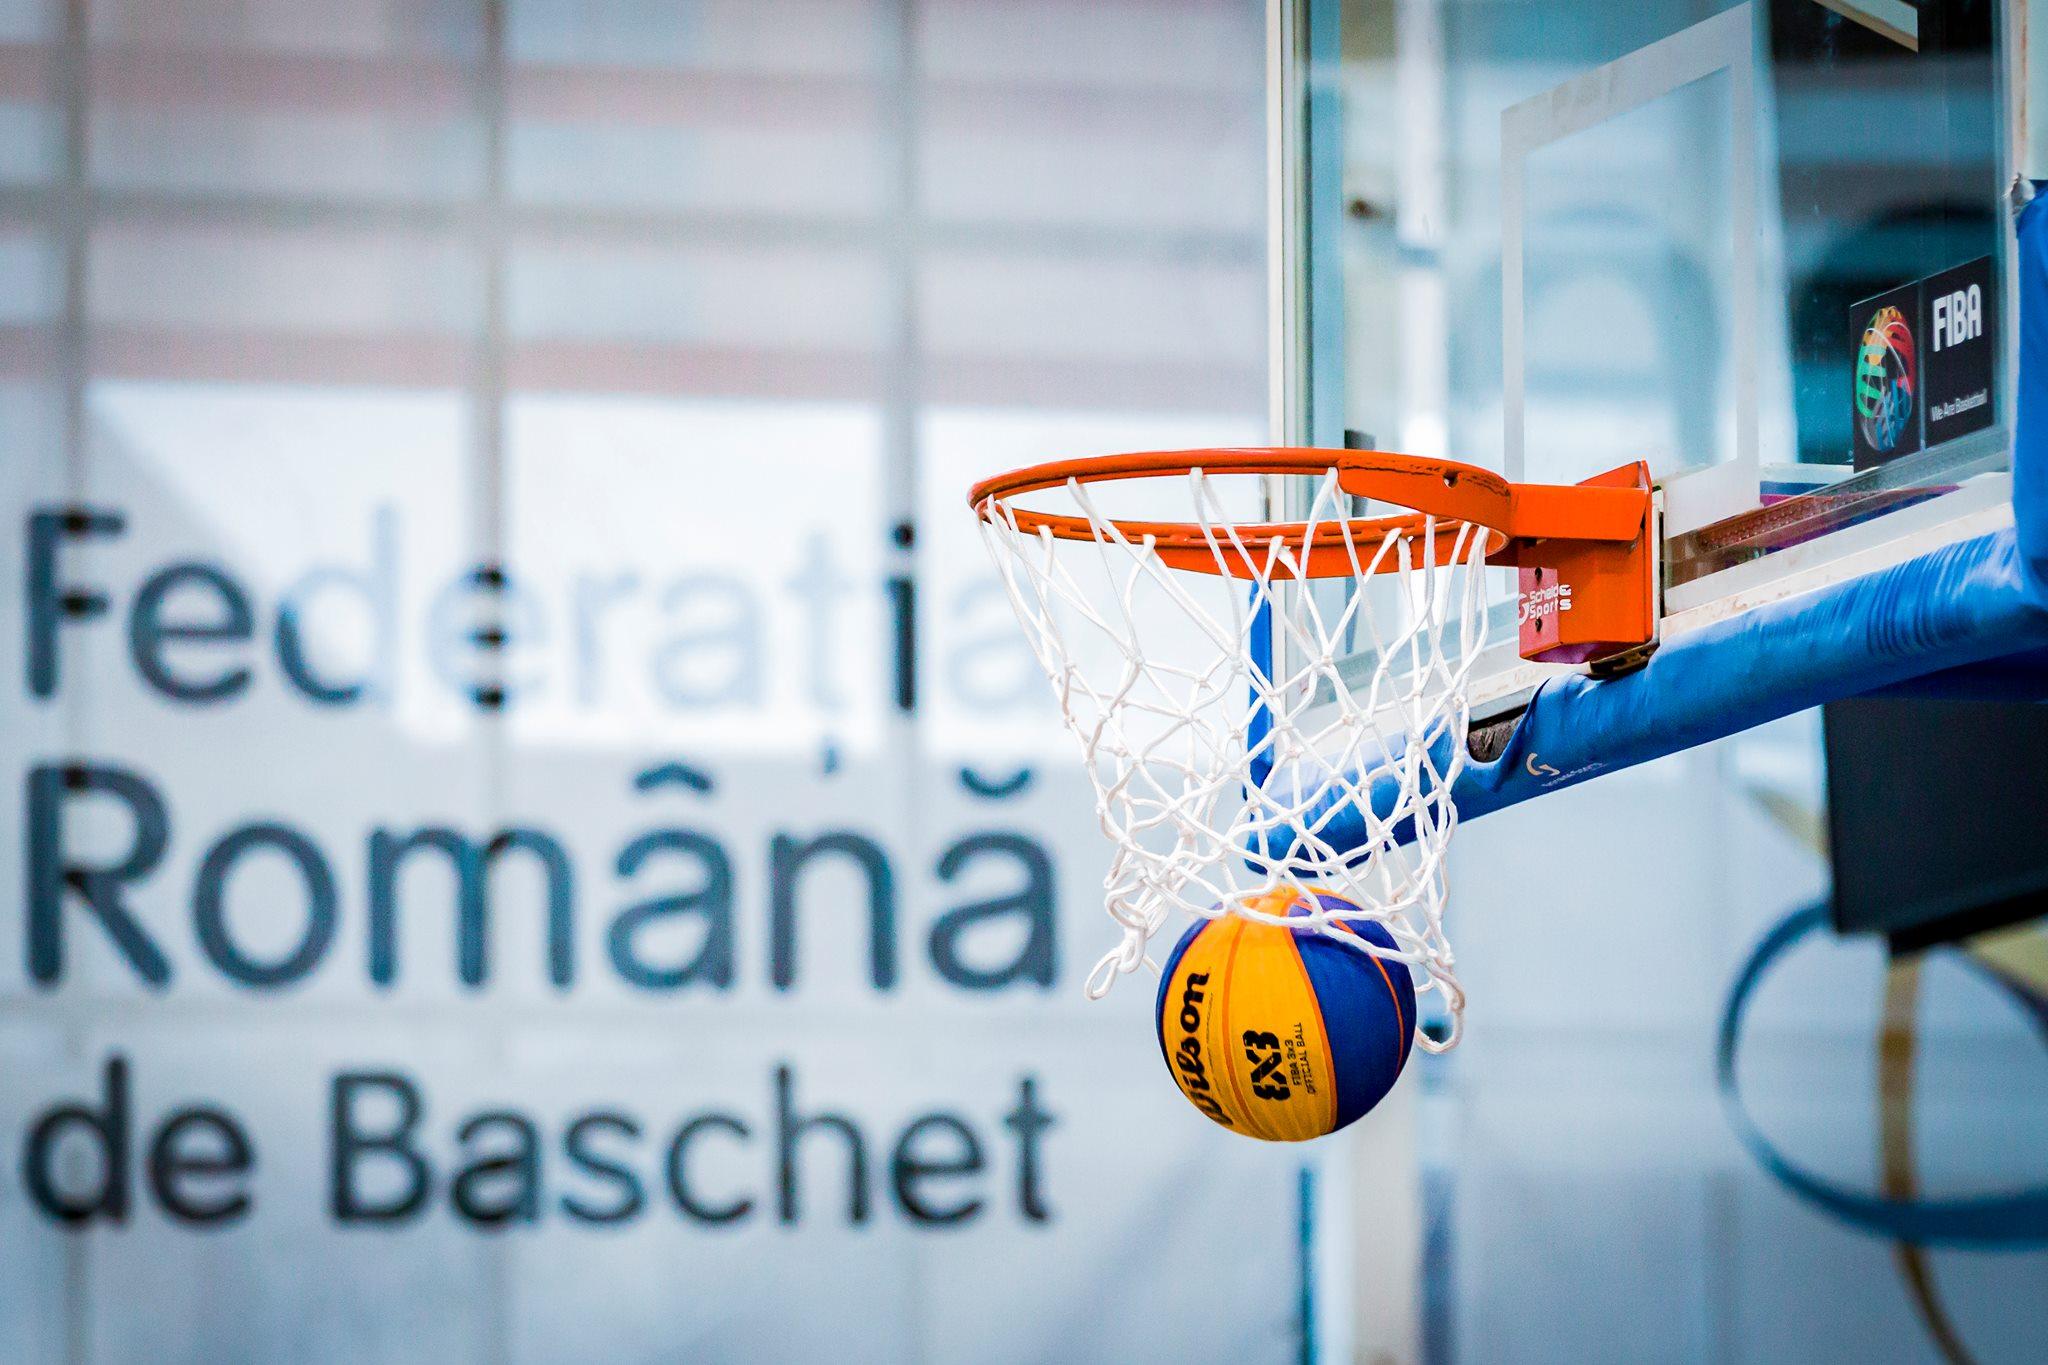 Federația Română de Baschet a luat decizia de a reînființa Liga 1 la baschet seniori